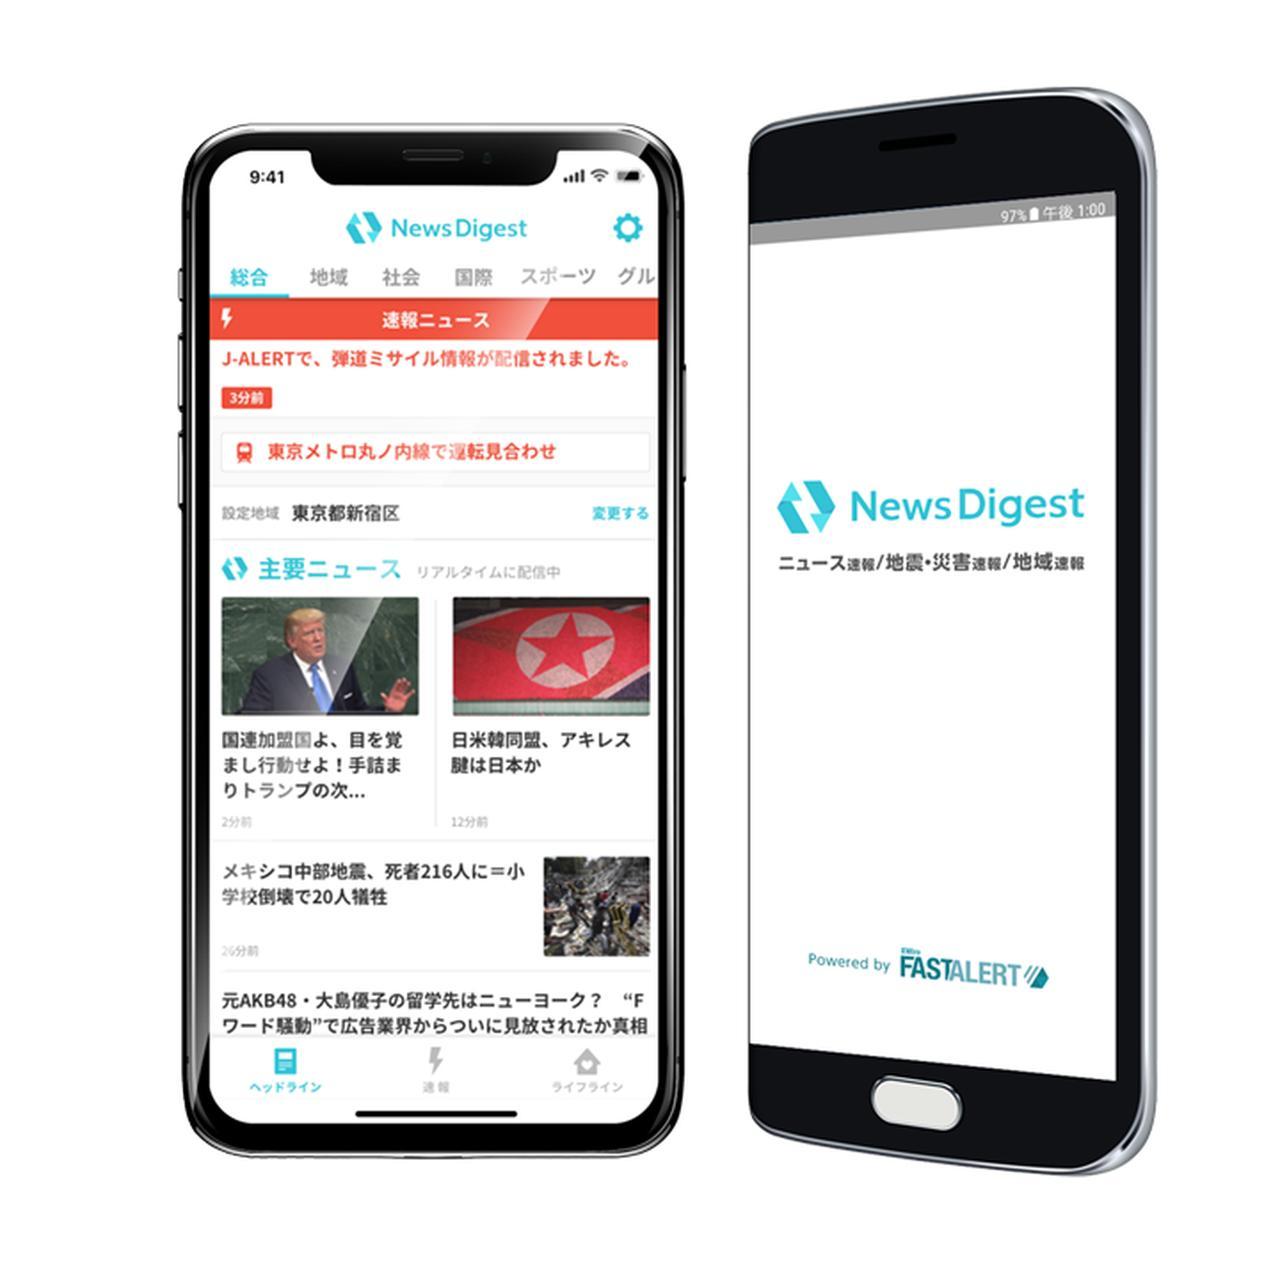 画像: 「NewsDigest(ニュースダイジェスト)」は、国内のニュース速報や事件・災害情報、その他報道価値のある情報をAIが自動で検知し、配信するニュース速報特化型サービス